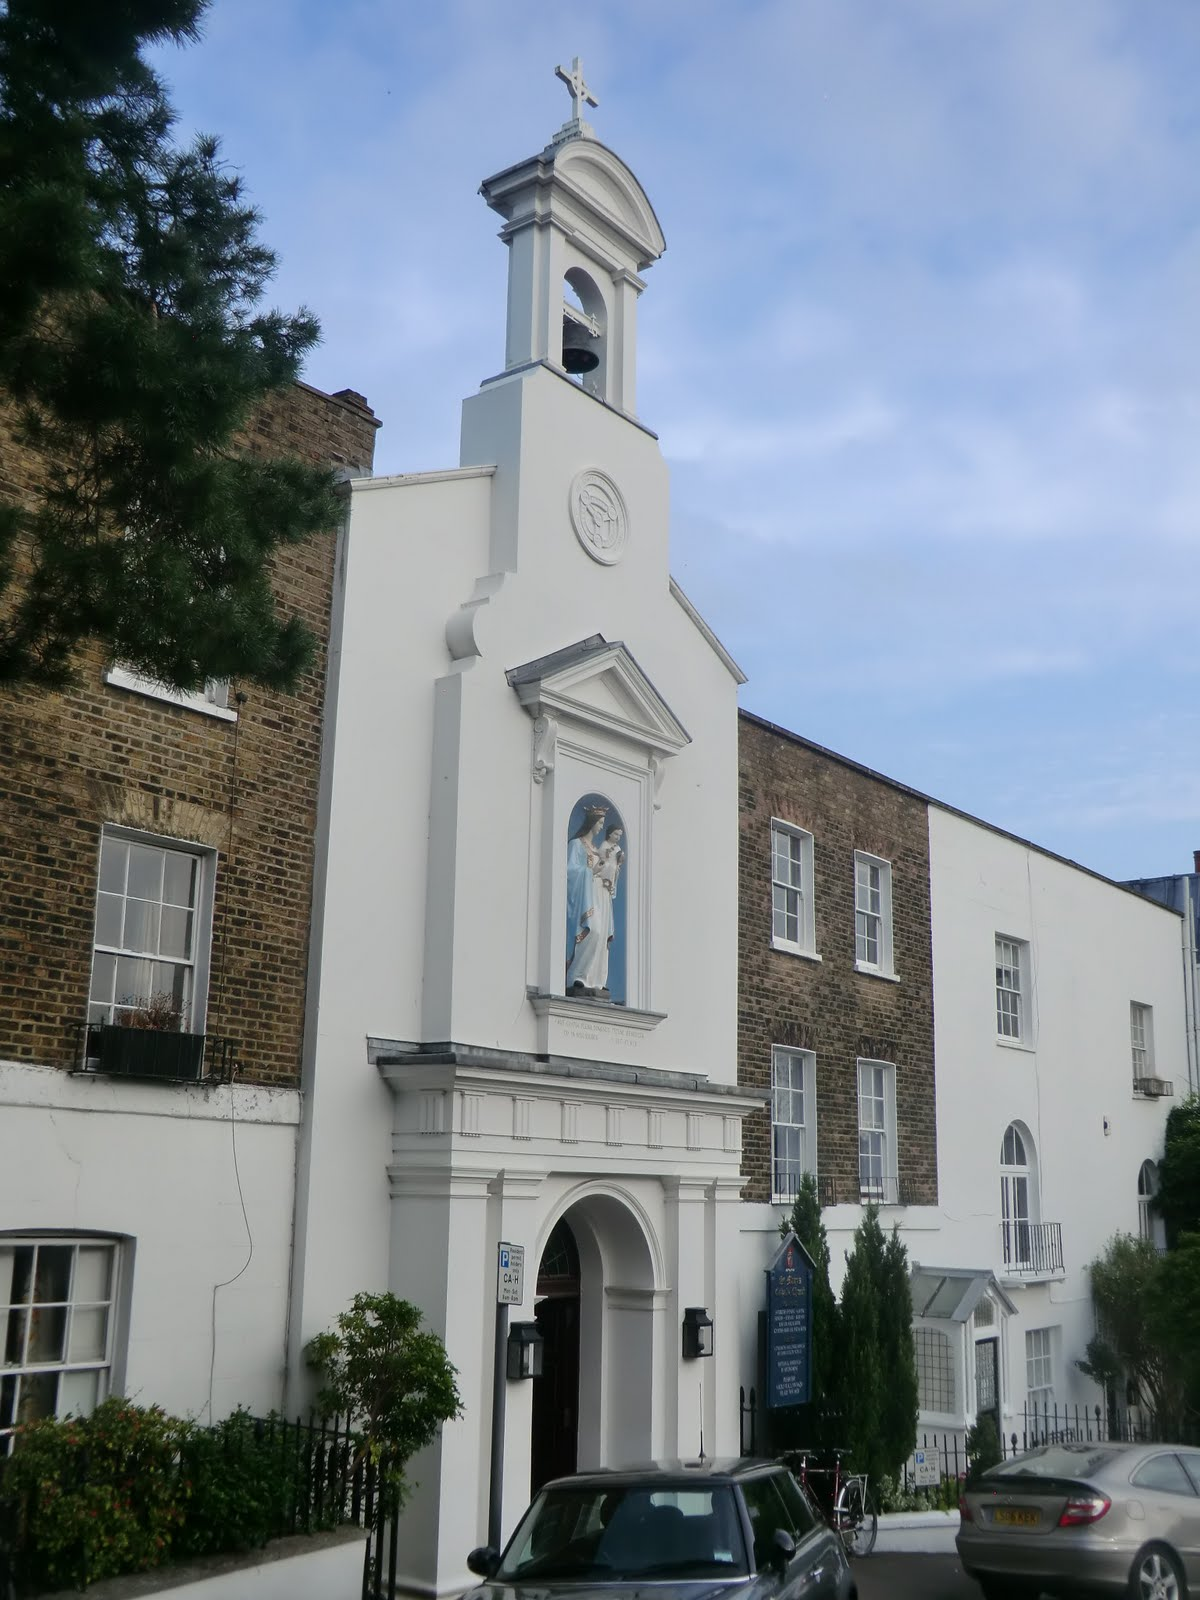 CIMG9769 St Mary's church, Hampstead